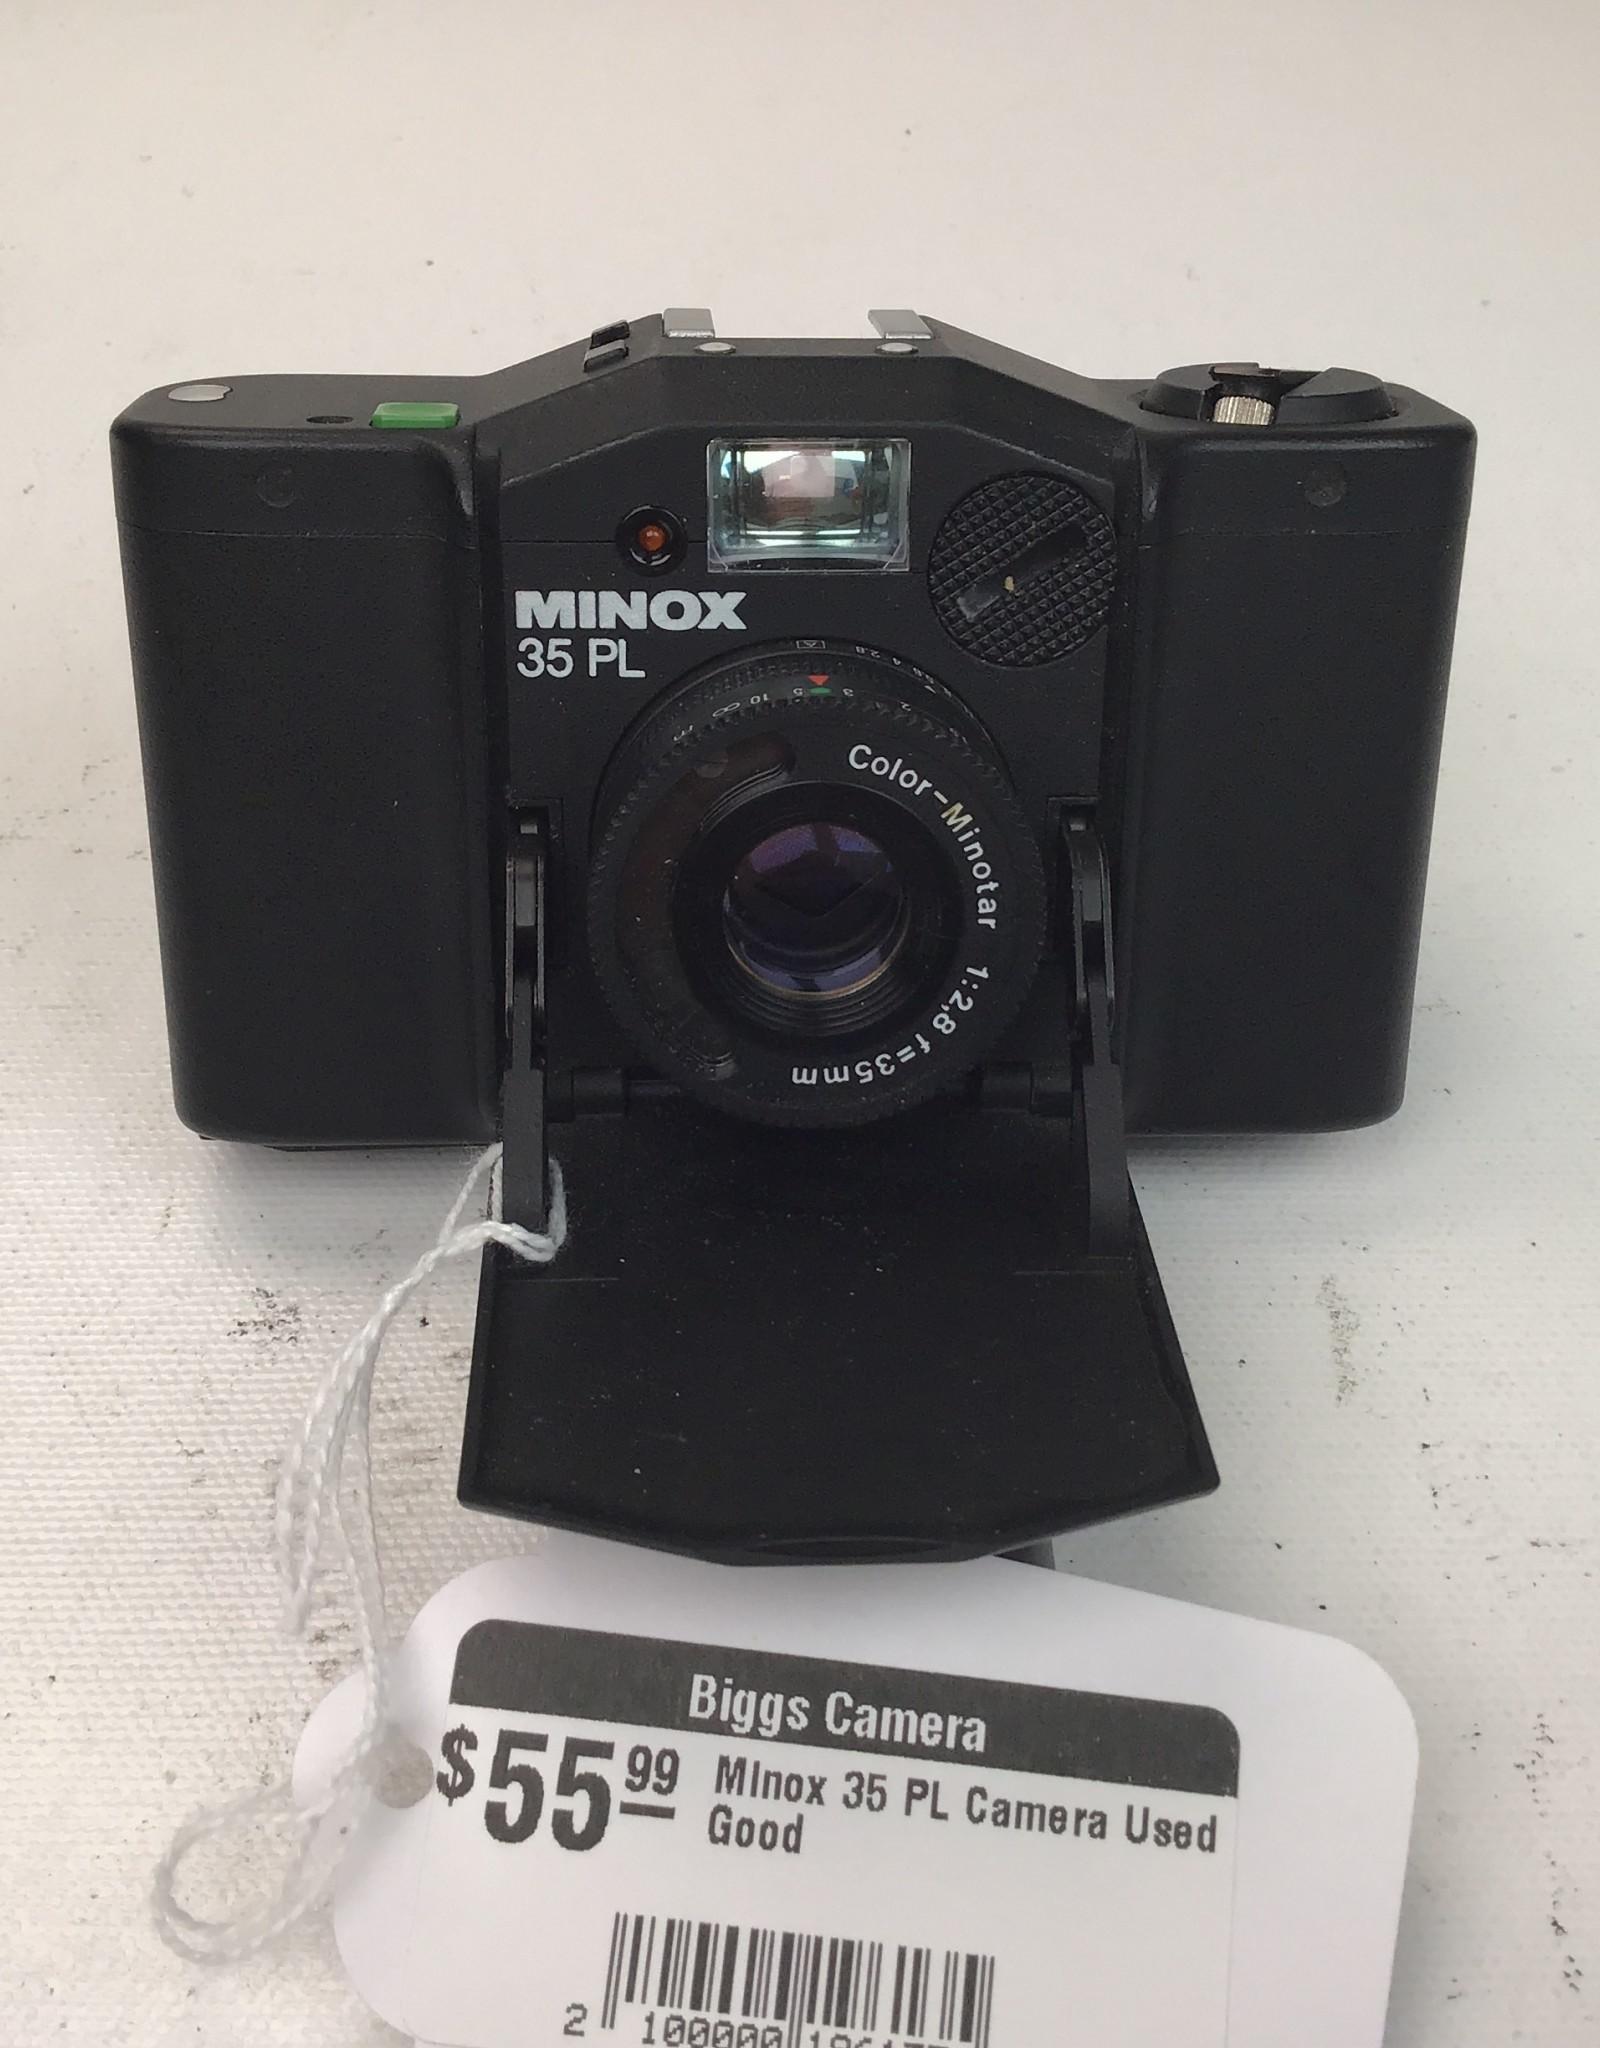 minox Minox 35 PL Camera Used Good